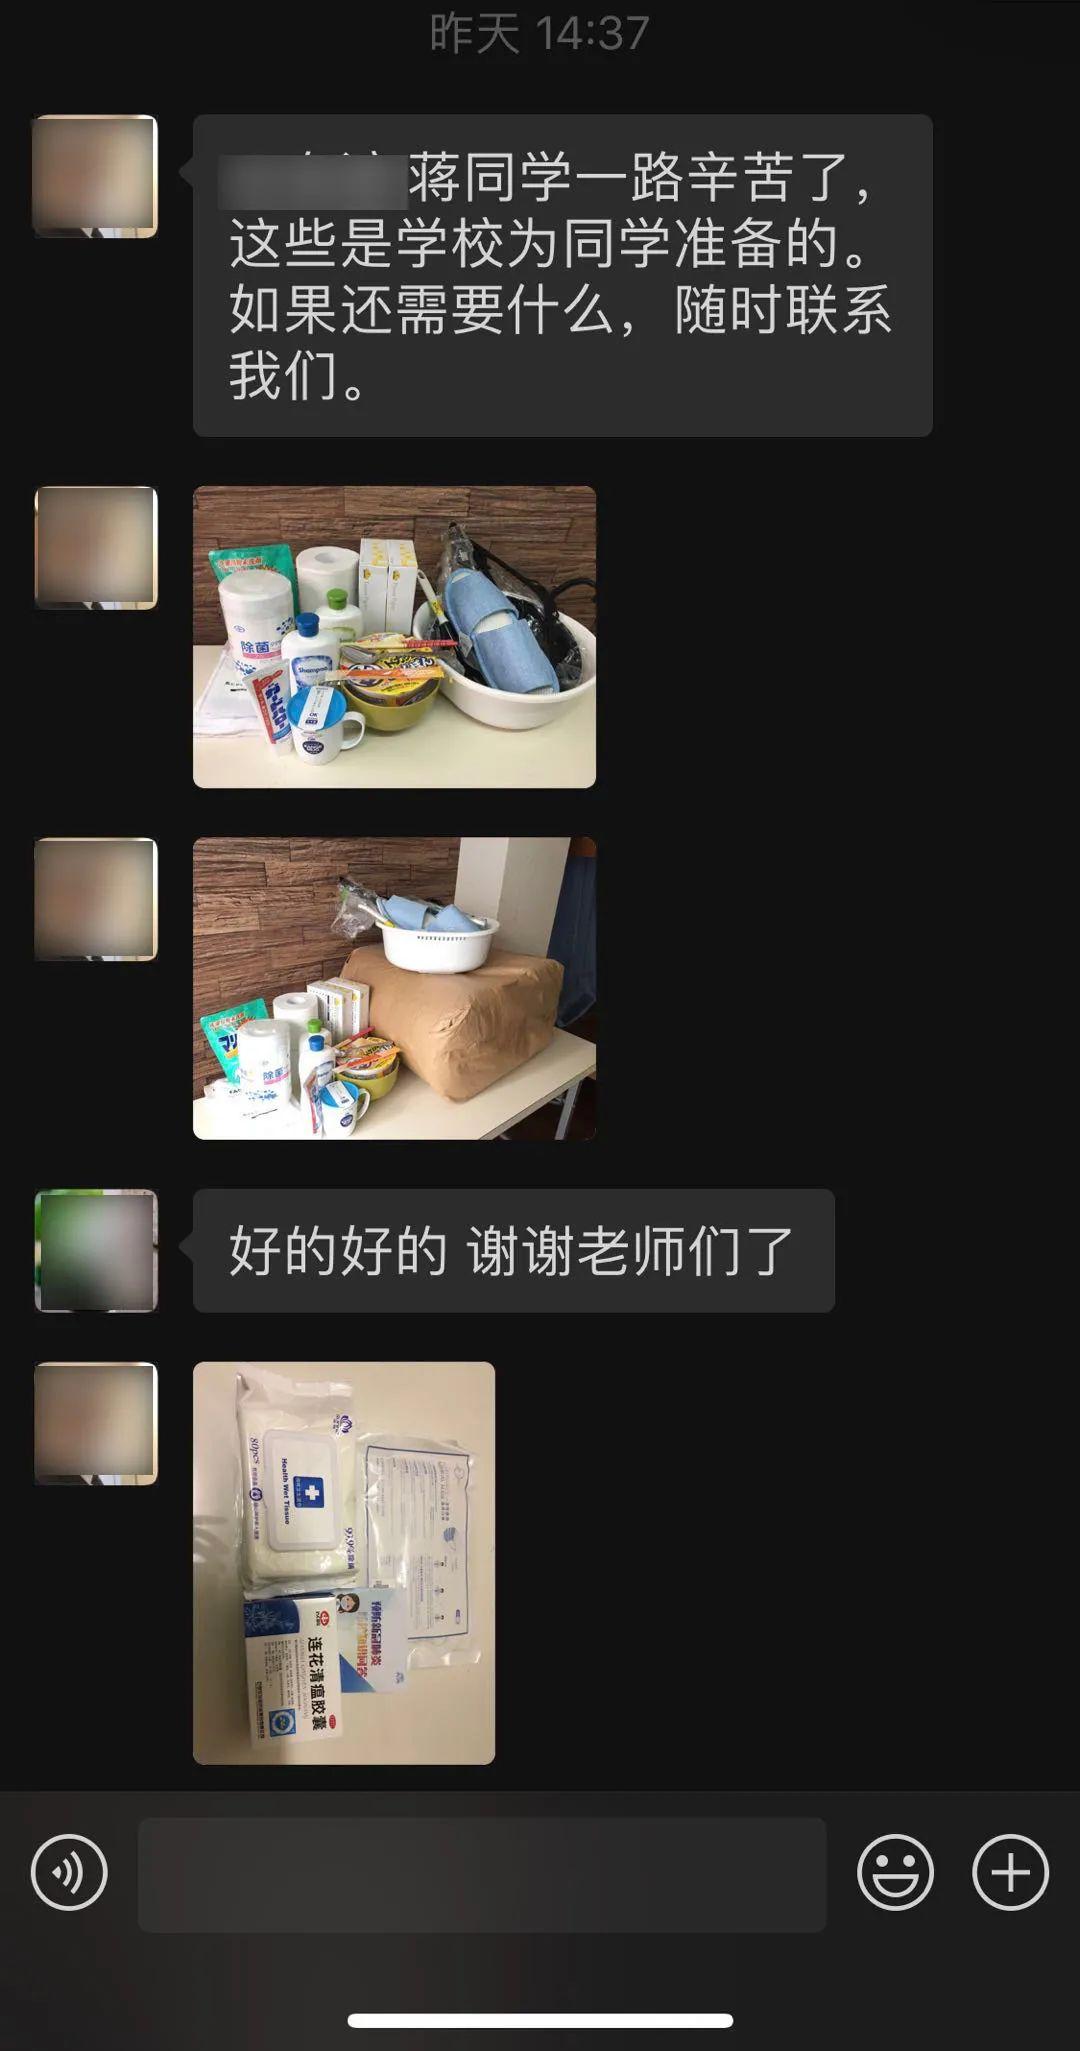 千代田新闻丨疫情后的赴日留学新契机!